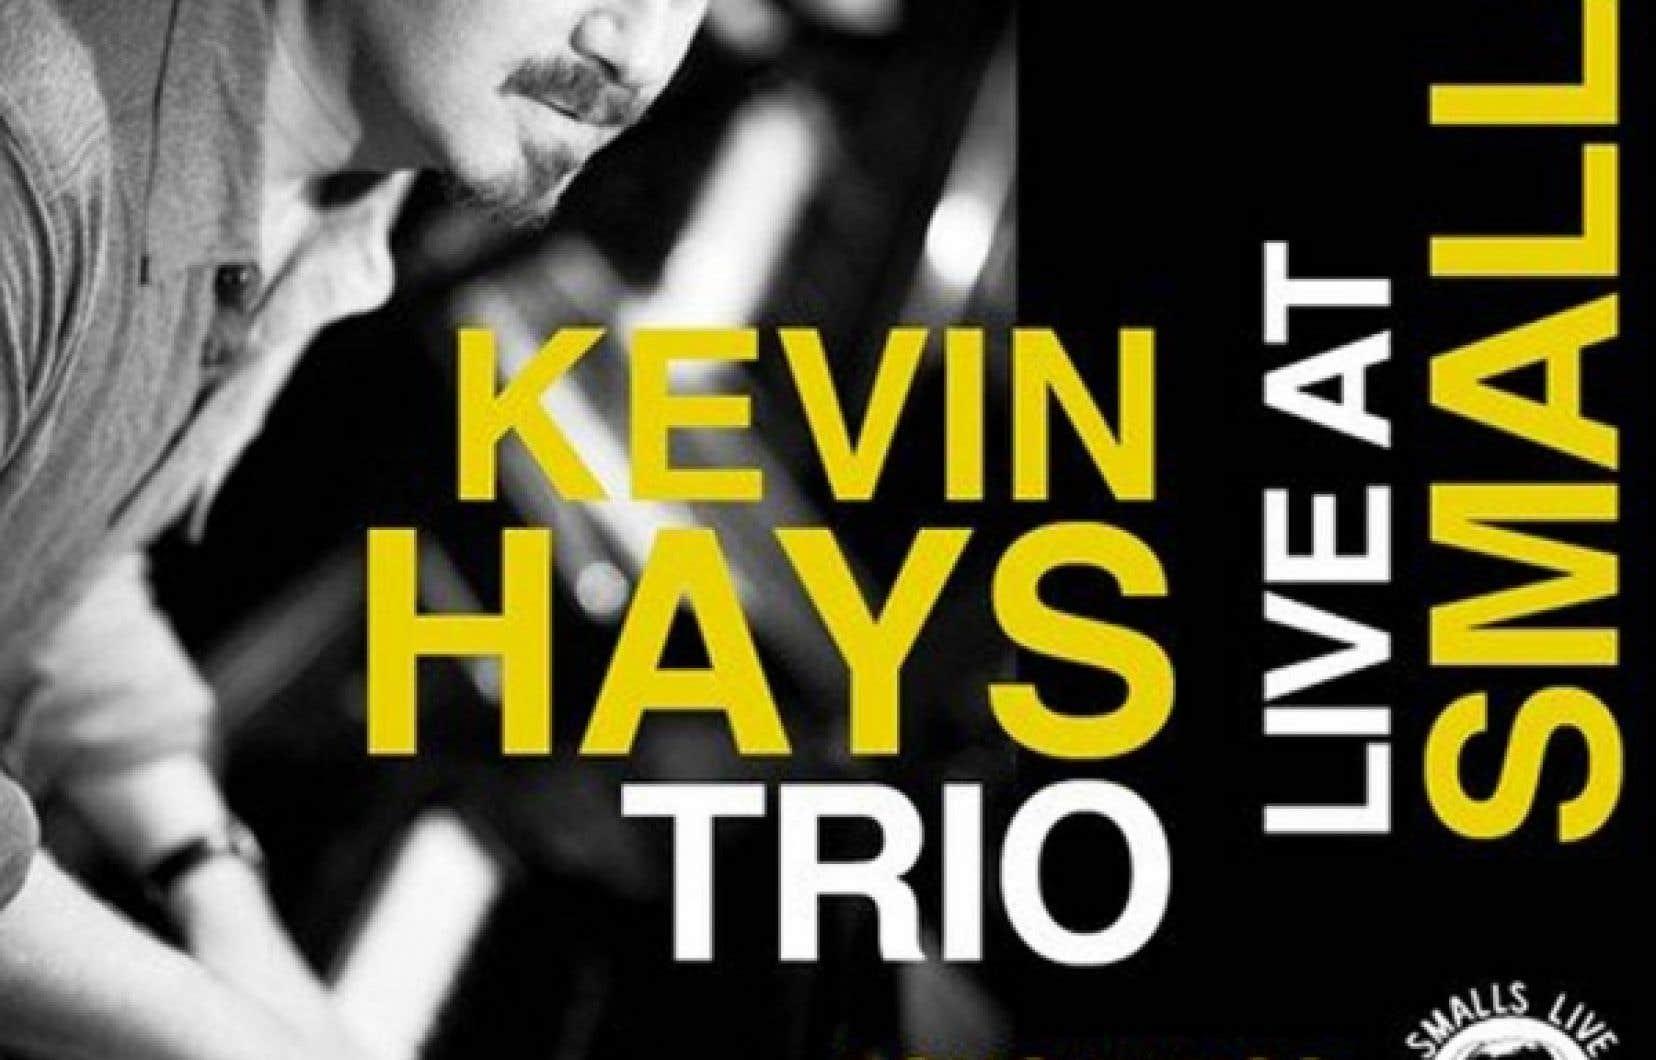 Kevin Hays Trio